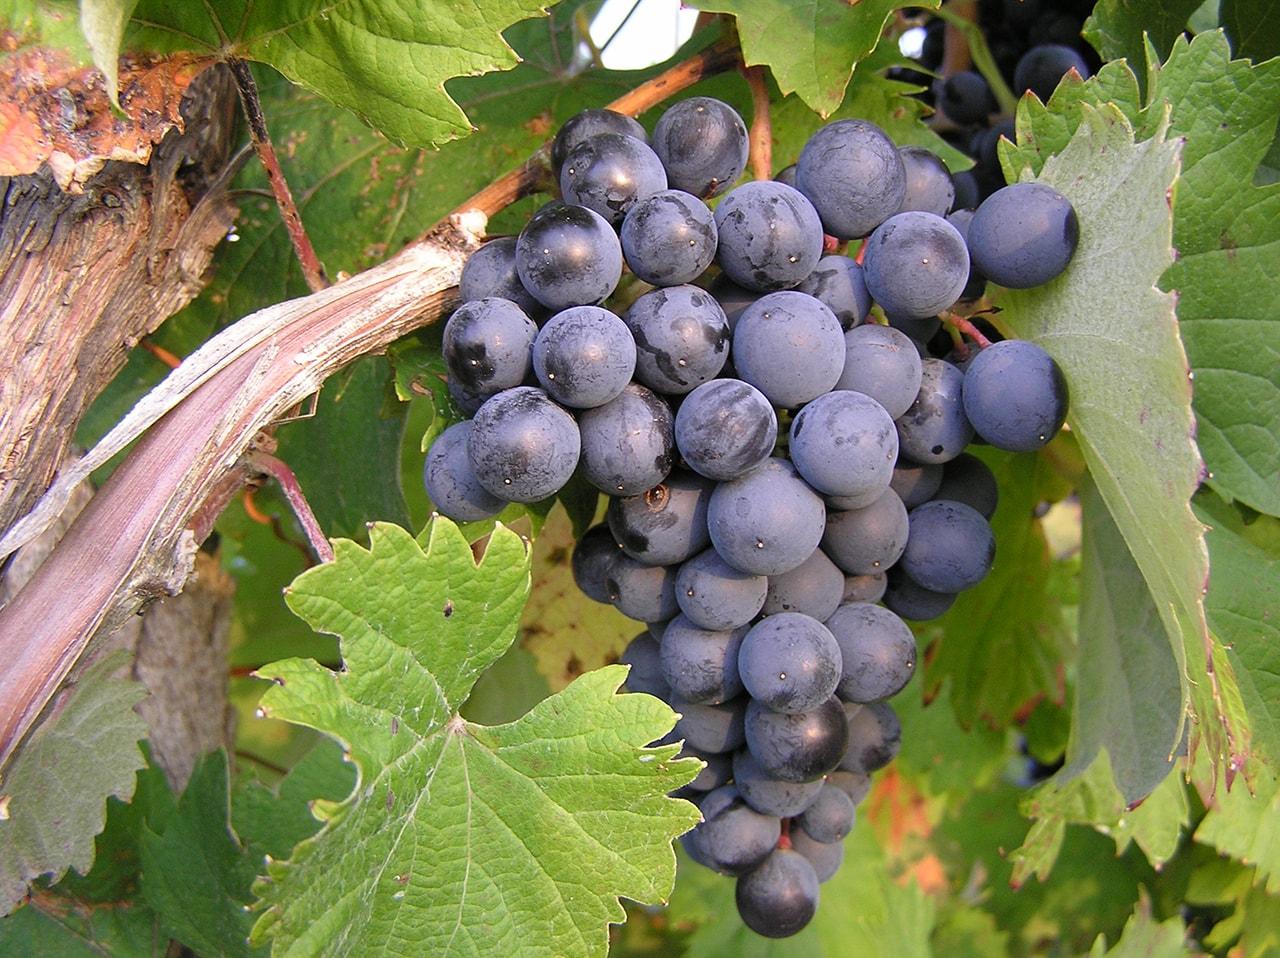 Nho được biết đến là một trong những loại trái cây tốt nhất chống ung thư